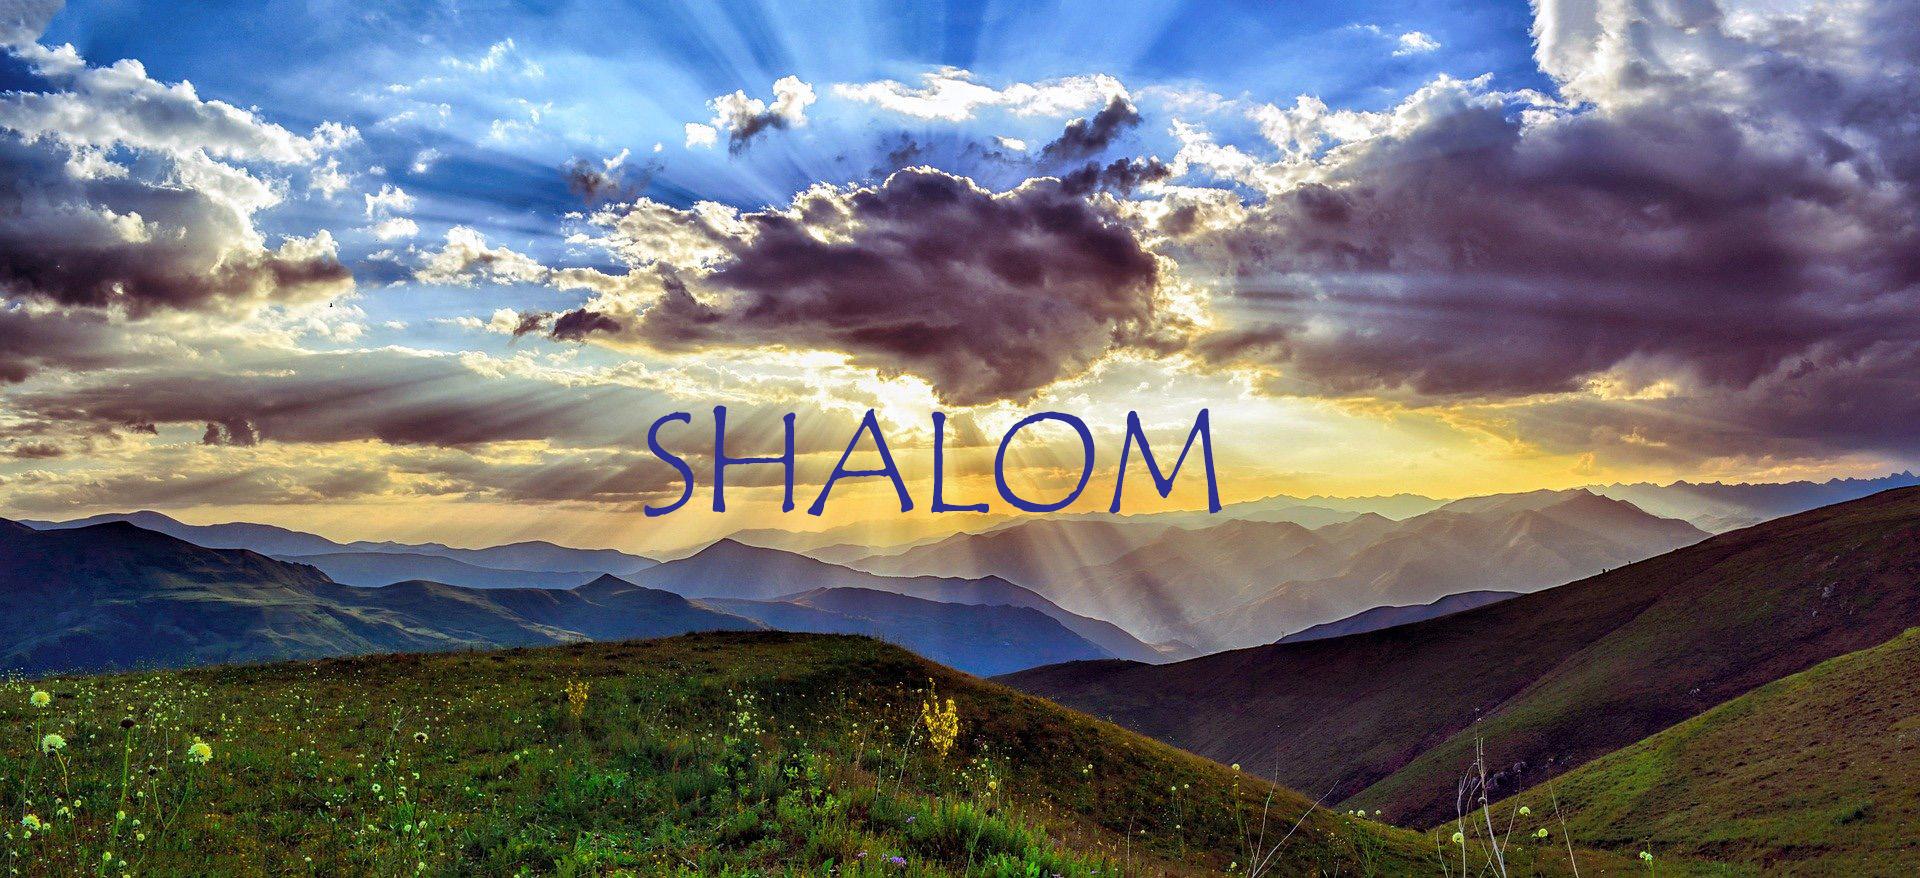 평화를 의미하는 히브리어 샬롬은 인류와 하나님이 지으신 모든 선한 창조물 사이의 조화를 표현하는 말입니다. 사진, 루스투 보즈쿠스의 사진, 픽사베이 제공.